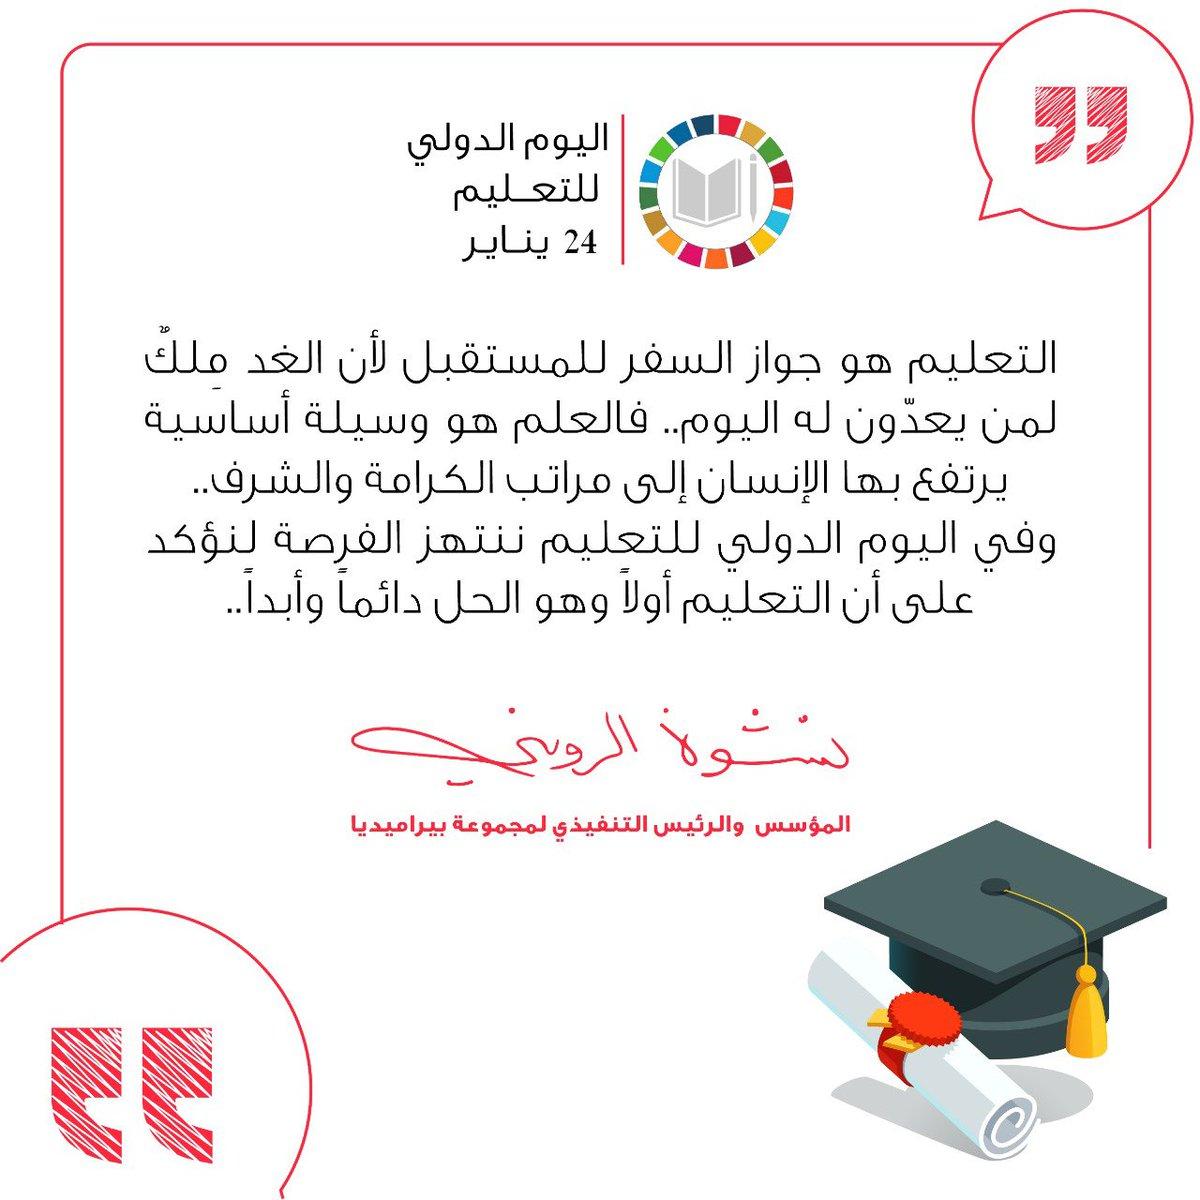 في #اليوم_الدولي_للتعليم ننتهز الفرصة لنؤكد على أن #التعليم أولاً , وهو الحل دائماً وأبداً..  On the #InternationalDayofEducation , we affirm that #education should be prioritized. It is the solution, always and forever. #الإمارات #أبوظبي #السعودية #الرياض #UAE #AbuDhabi #KSA https://t.co/60HV0DCKaZ